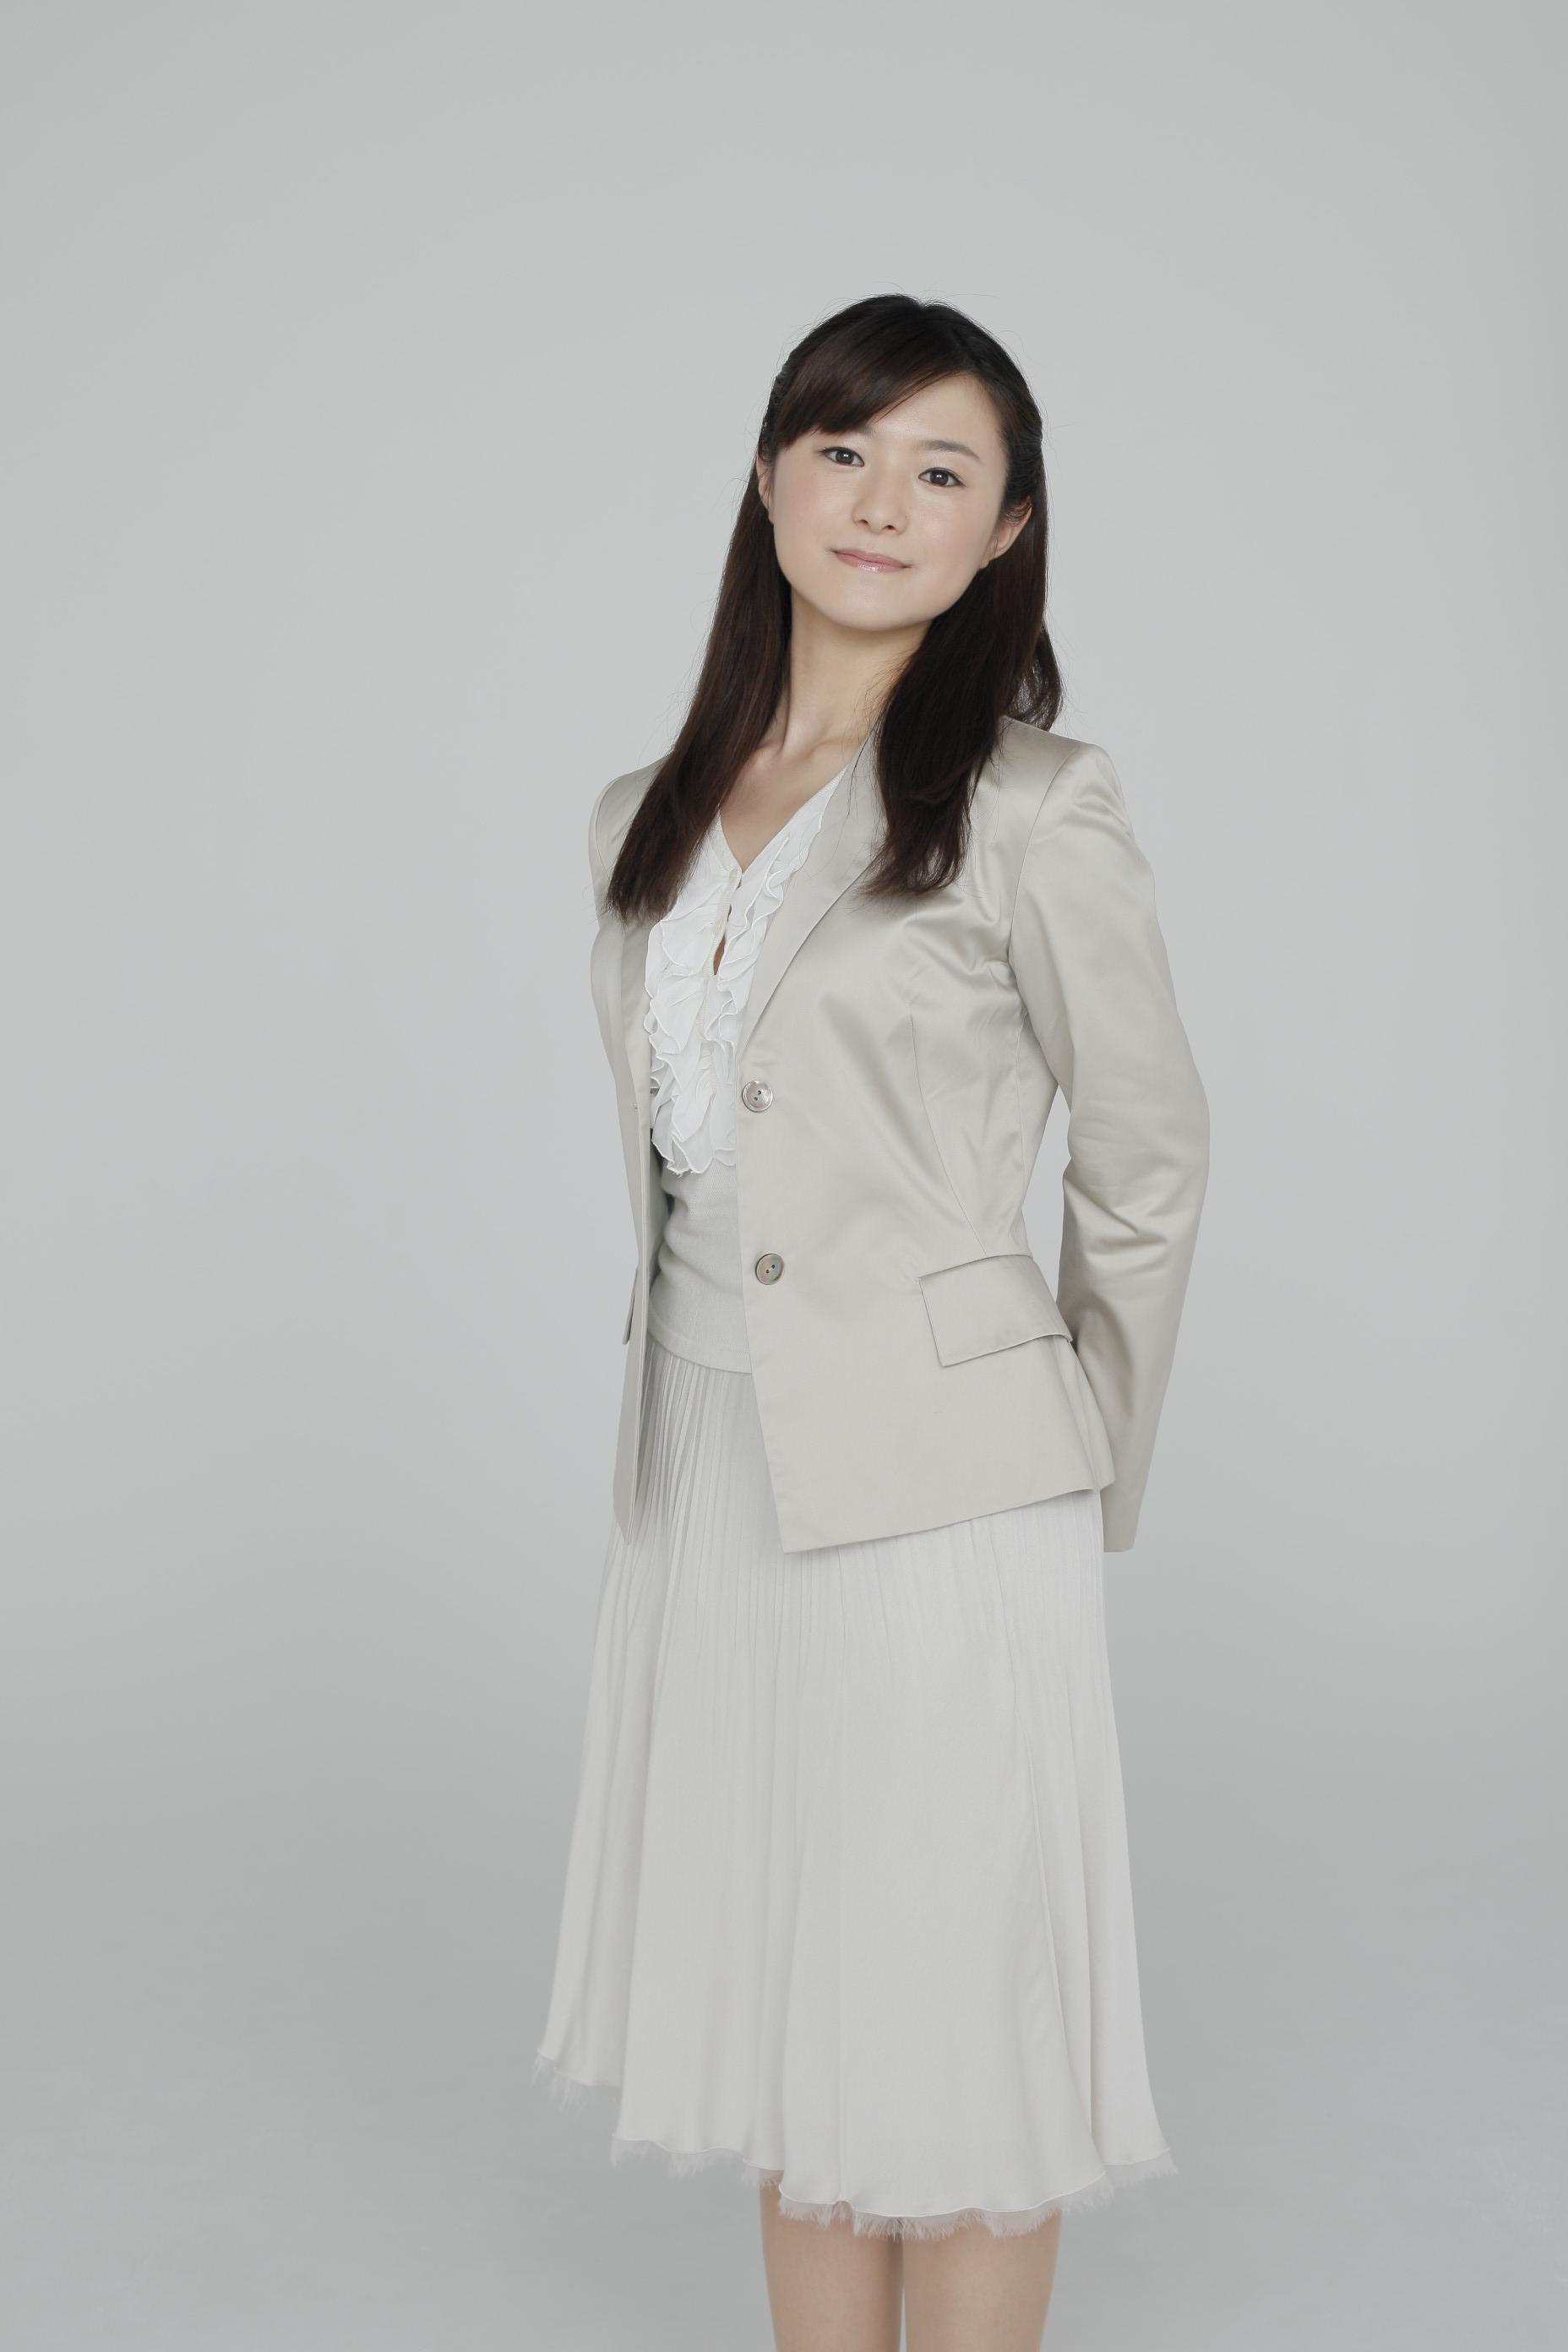 登場人物紹介 明石の君(須藤温子さん)_d0166589_23284450.jpg